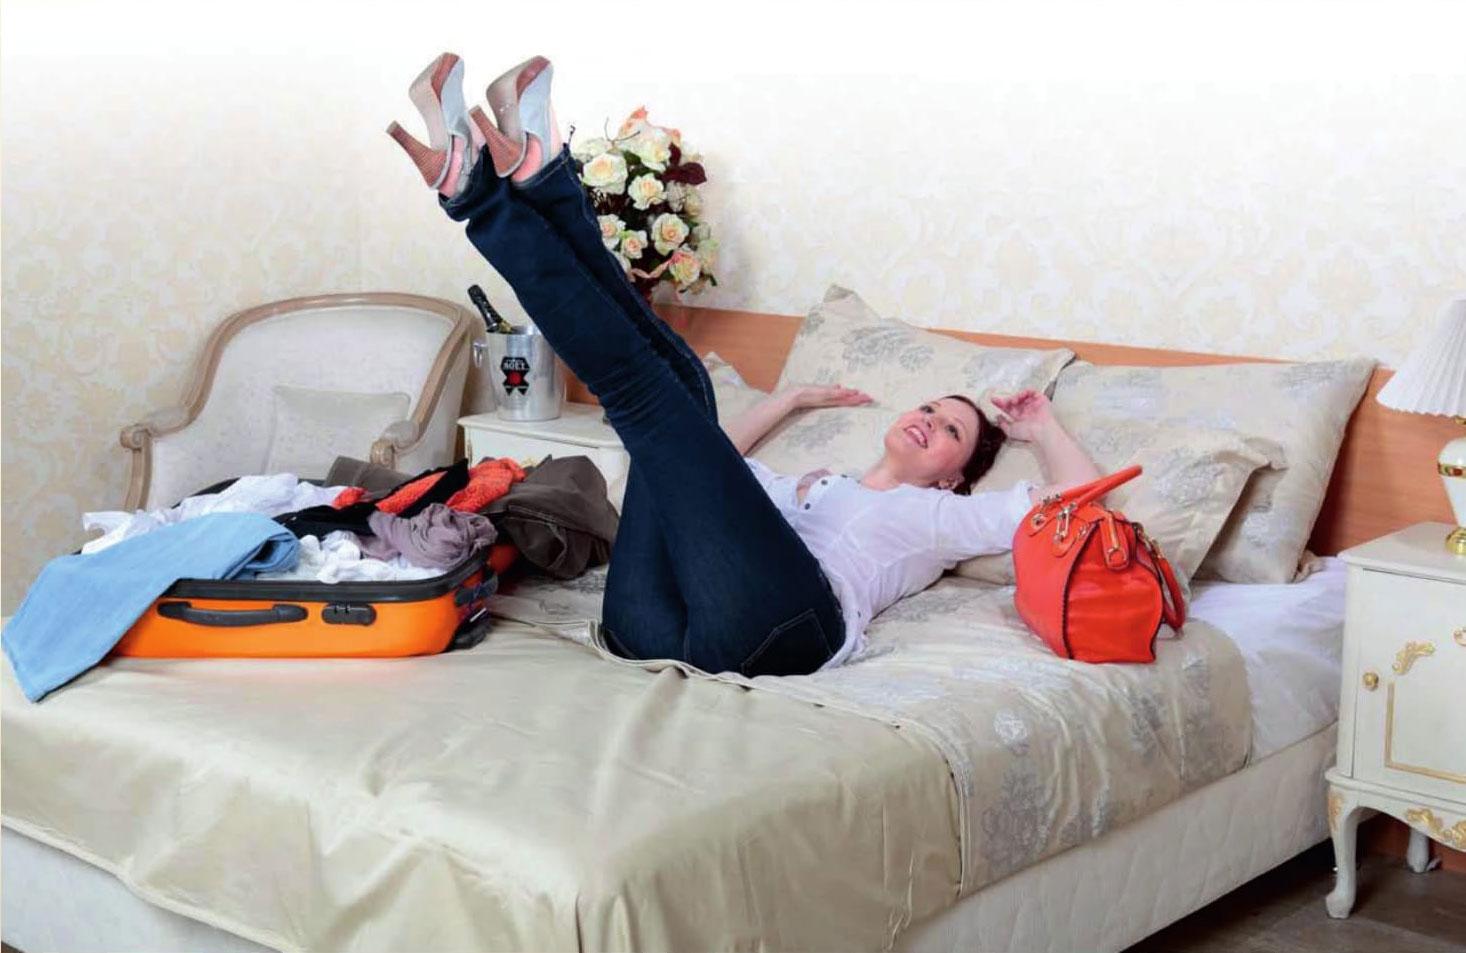 матрасы, кровати и подушки в отеле